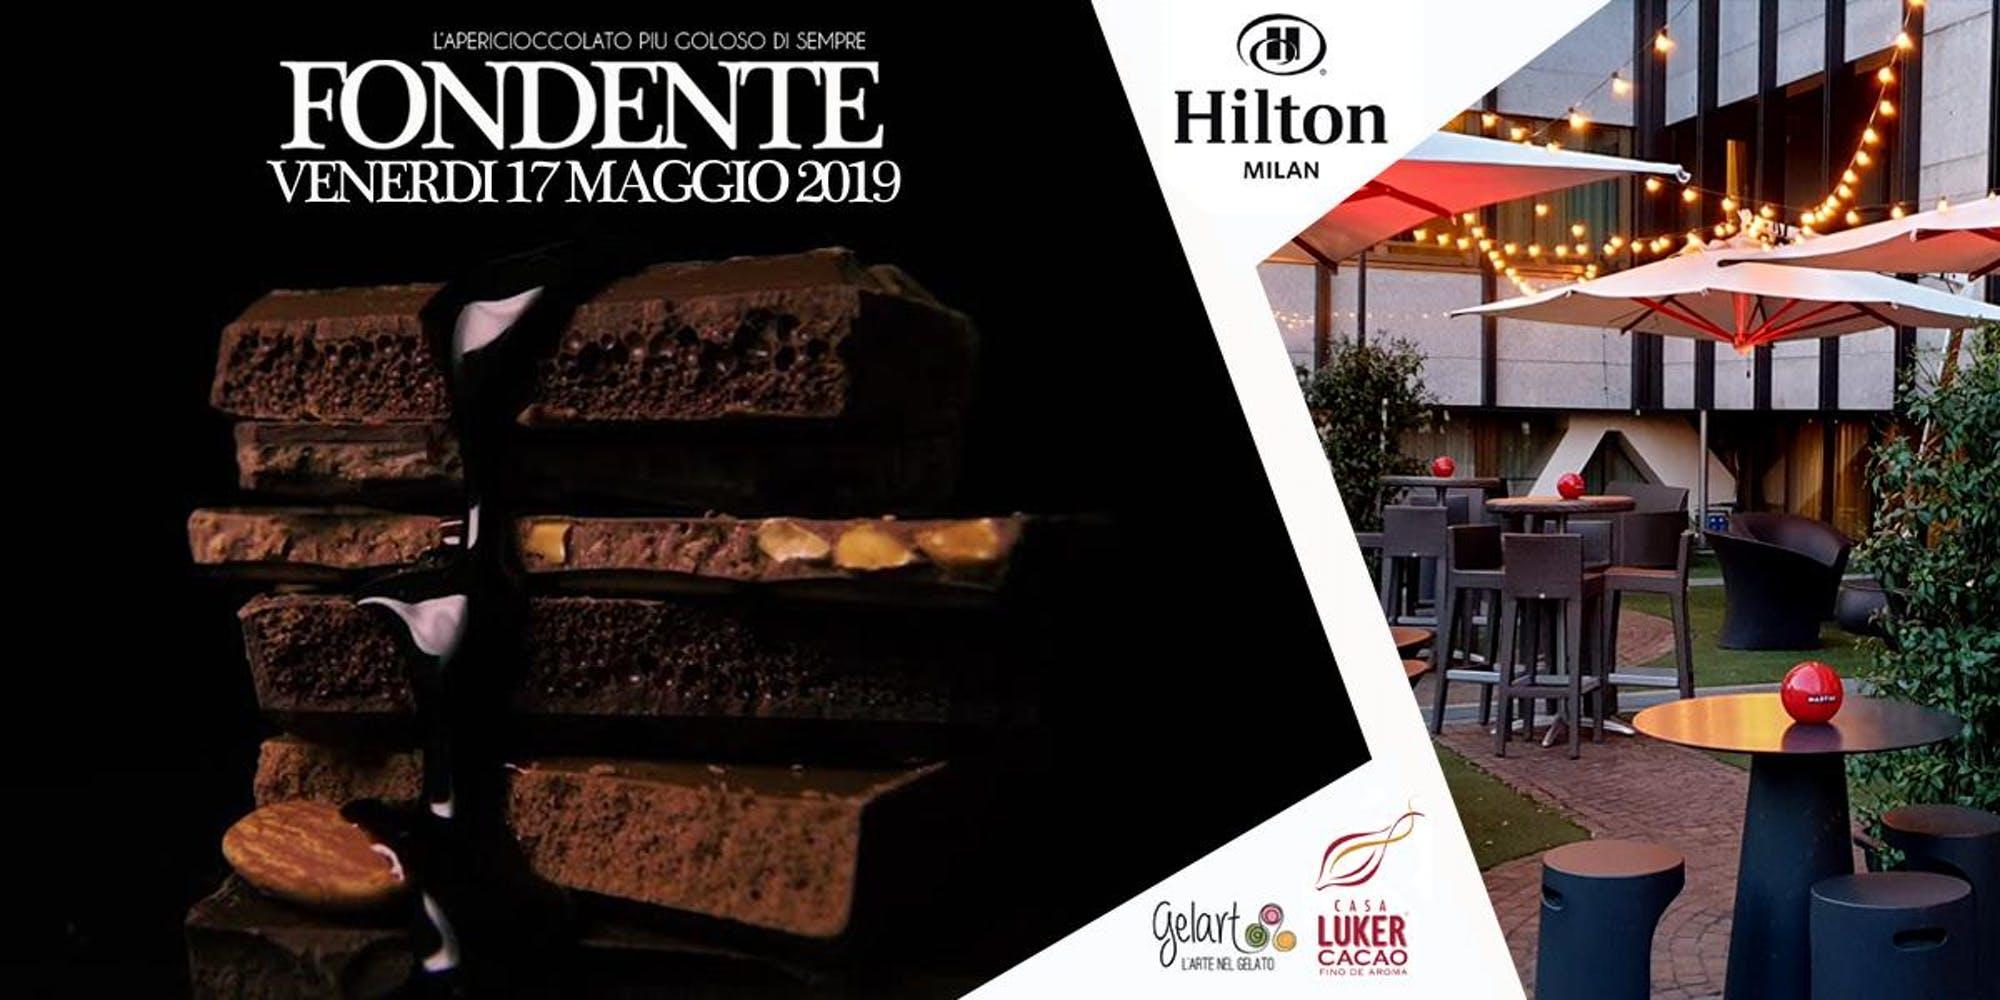 CFM / FONDENTE @ HILTON HOTEL | Aperitivo al Cioccolato